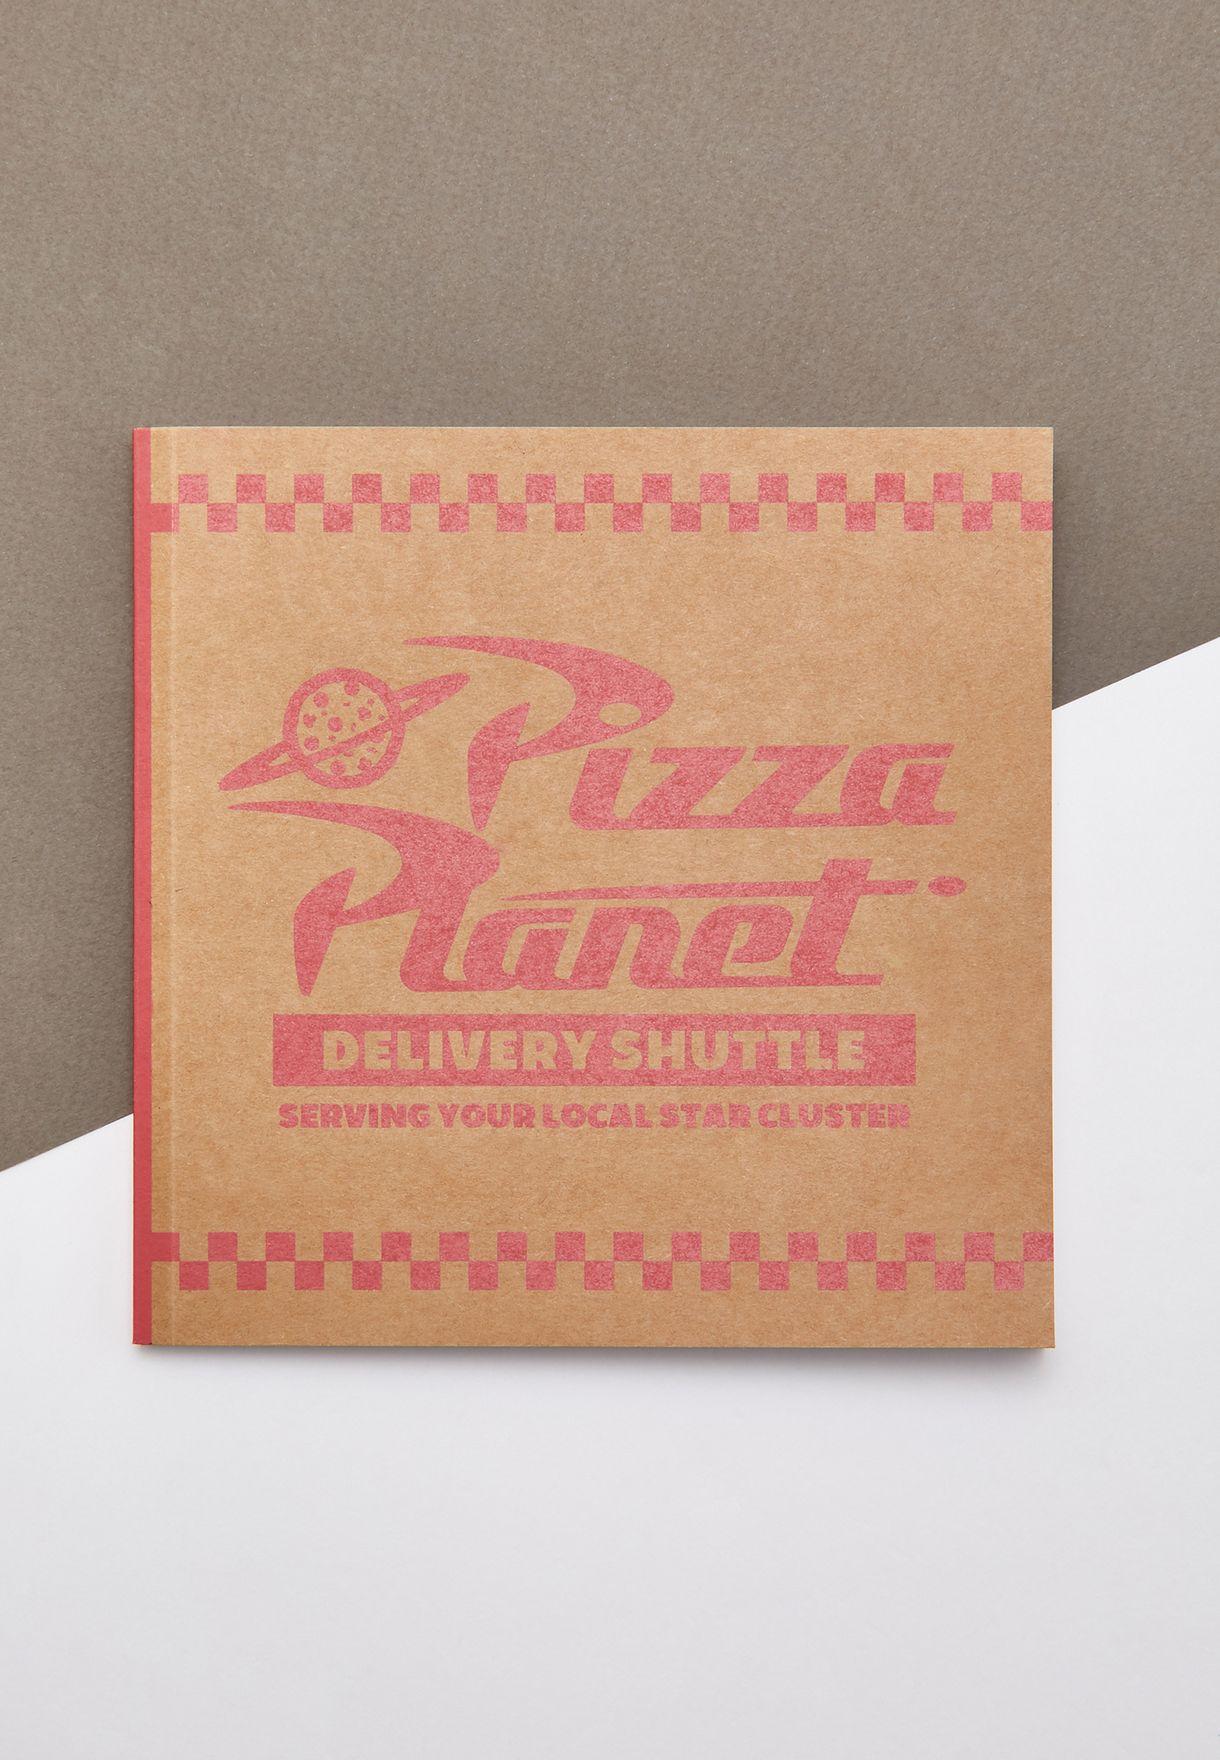 دفتر ملاحظات بطباعة بيتزا بلانت توي ستوري